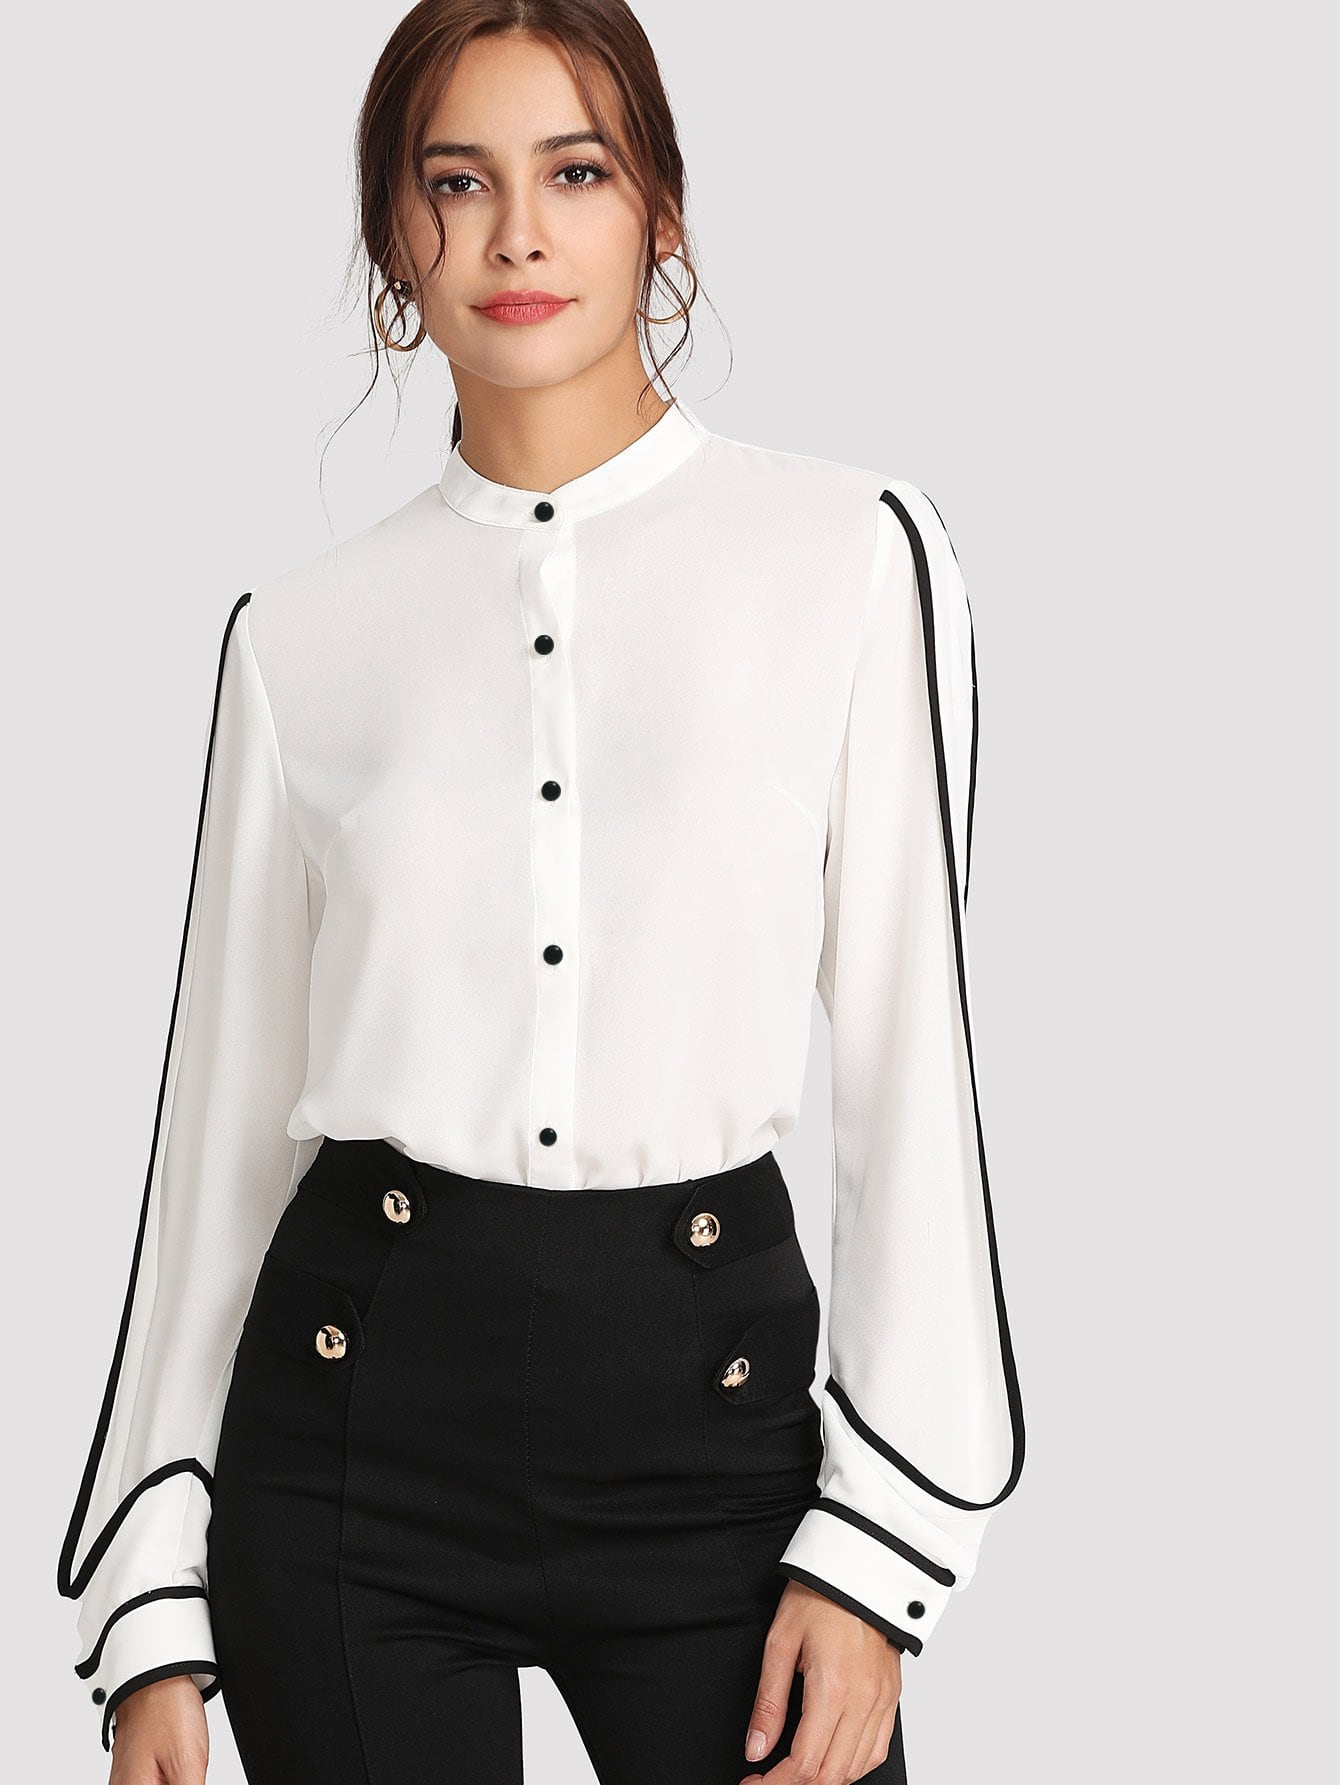 Рубашка контрастная, Giulia, SheIn  - купить со скидкой